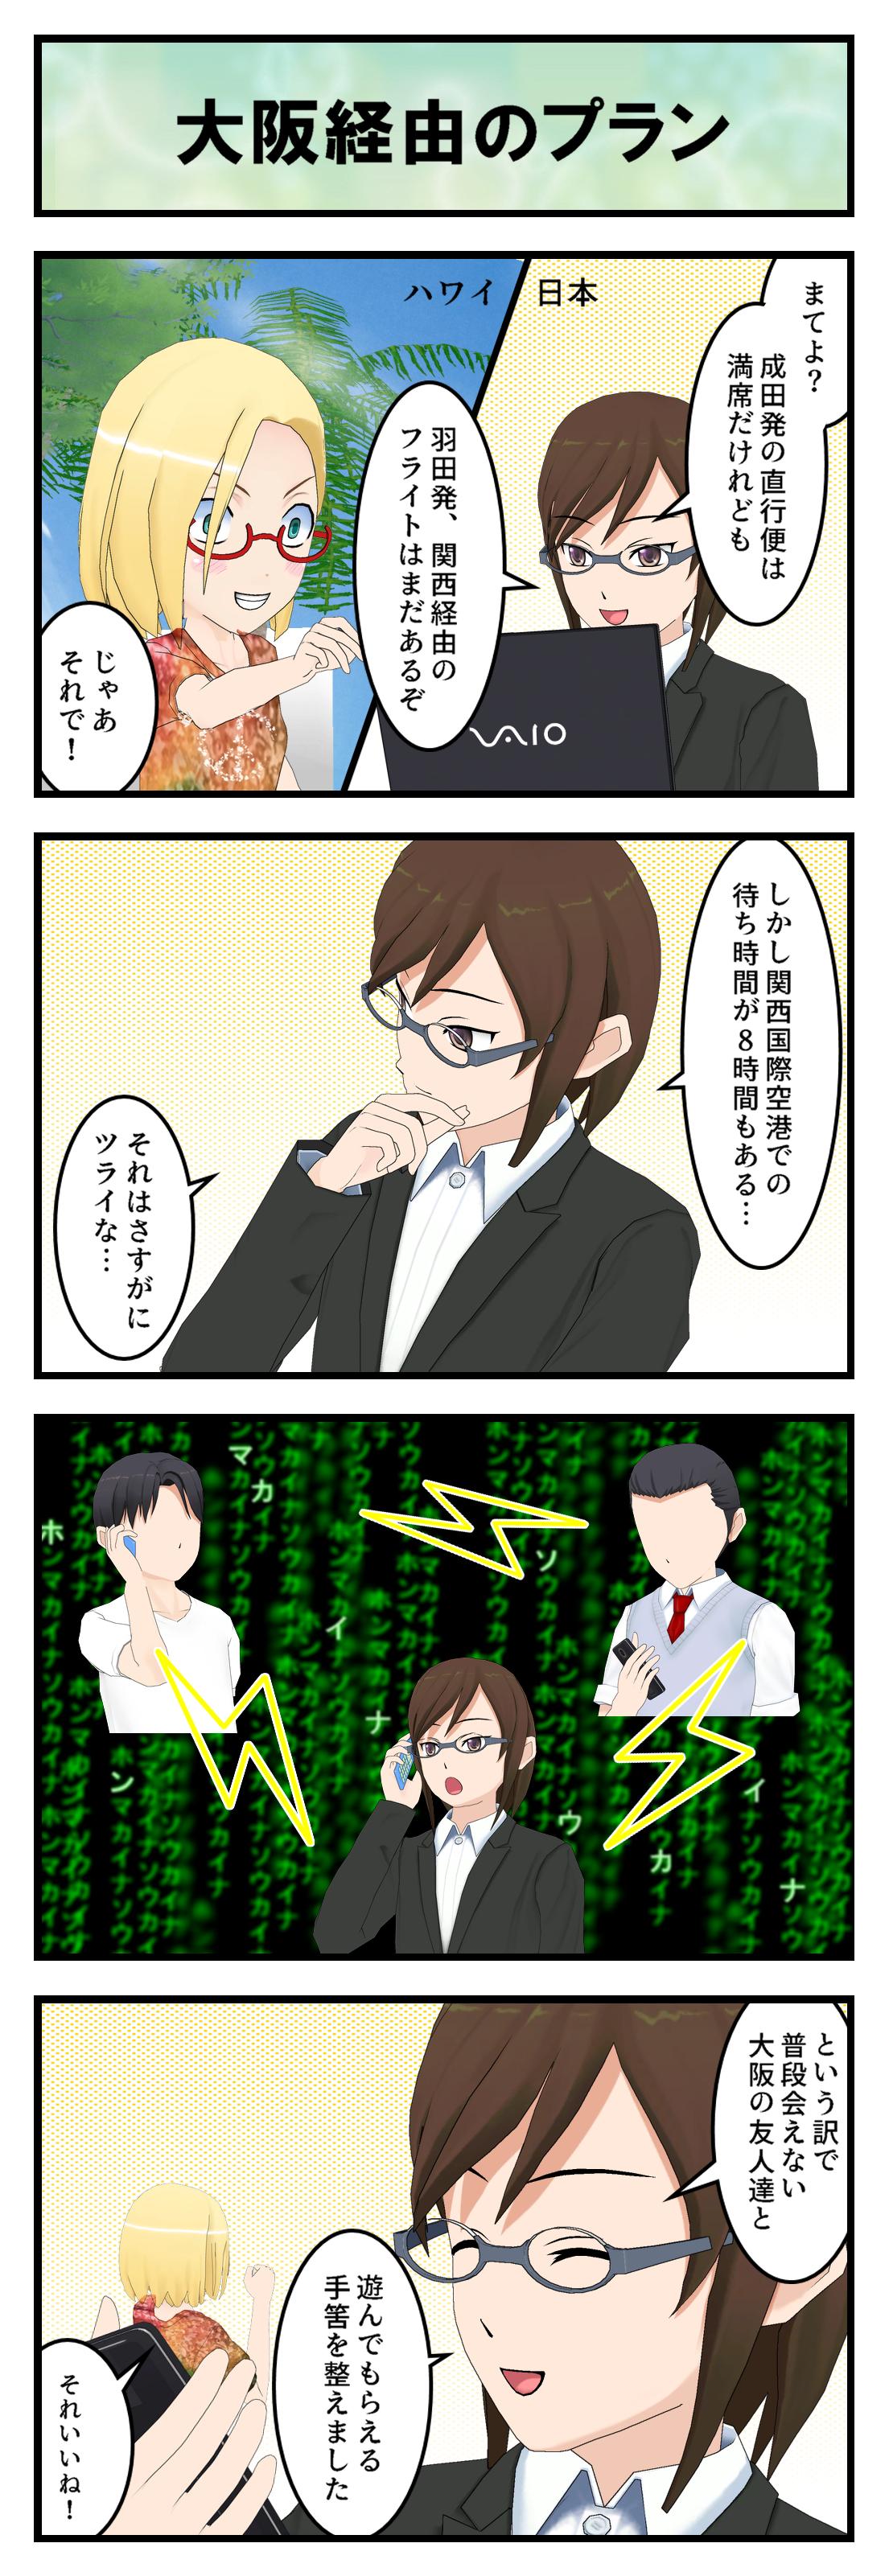 Q168_大阪経由のプラン_001